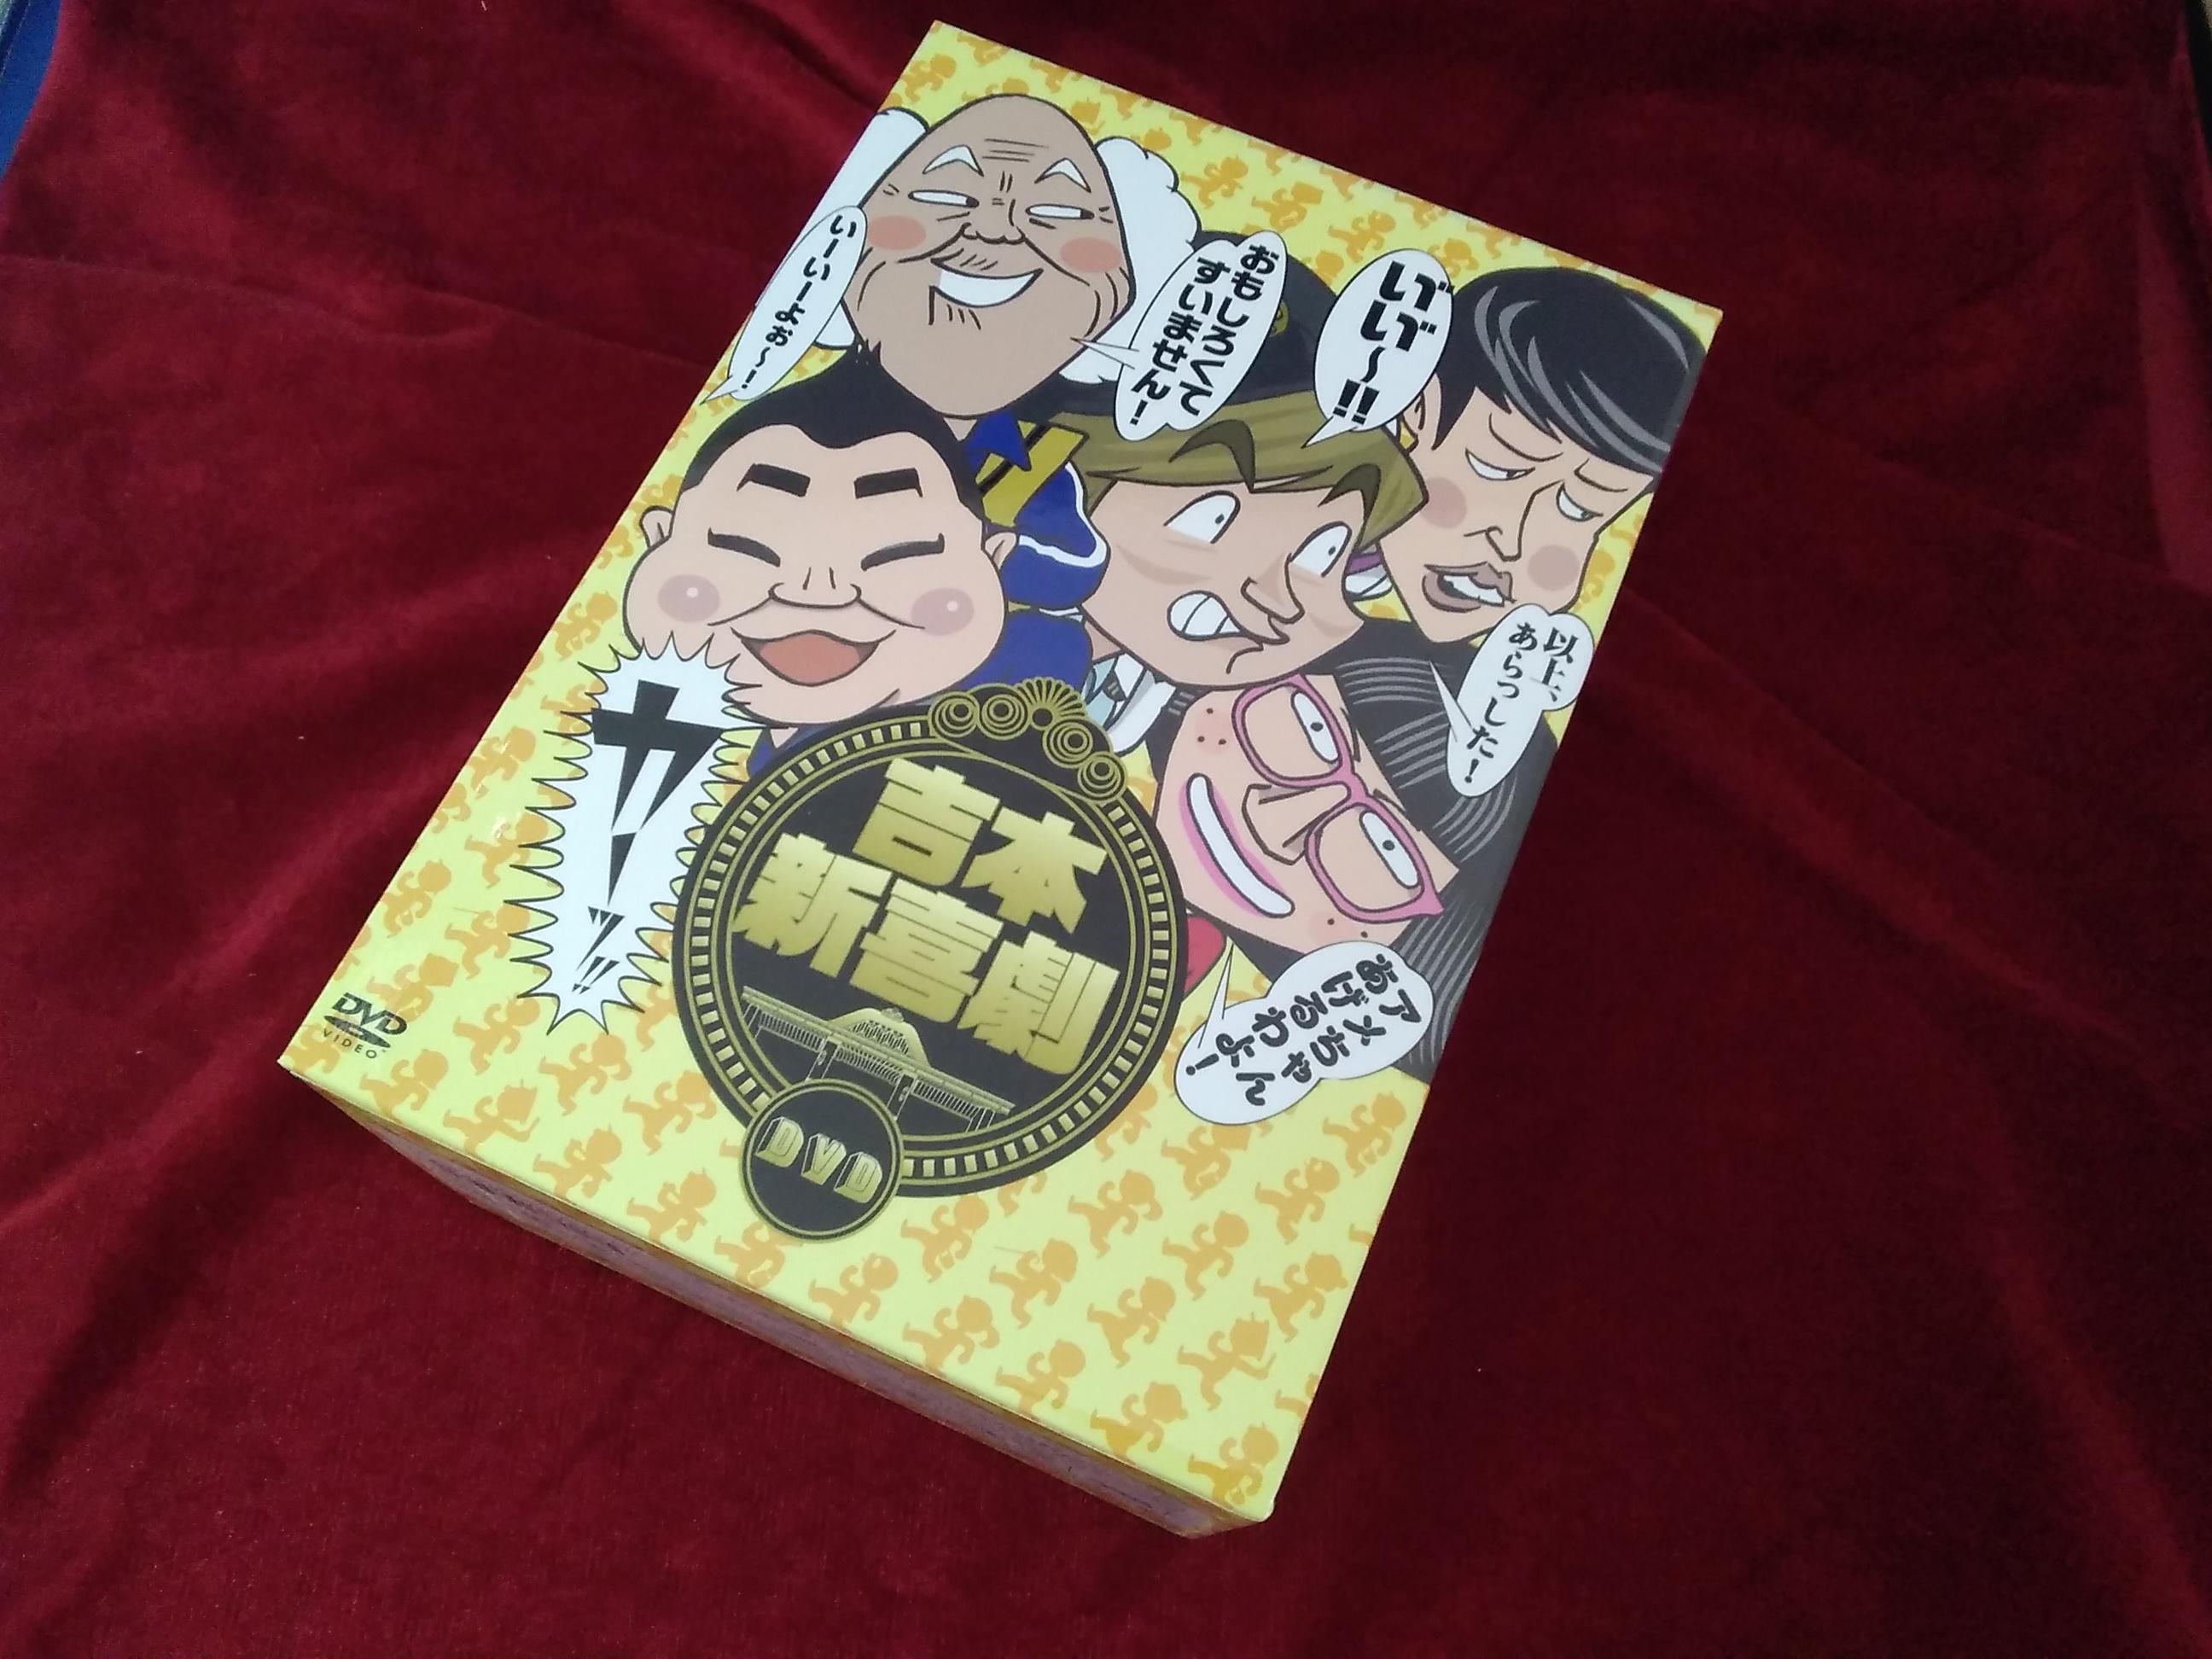 吉本新喜劇DVD-BOX|DVD/趣味・教養/お笑い